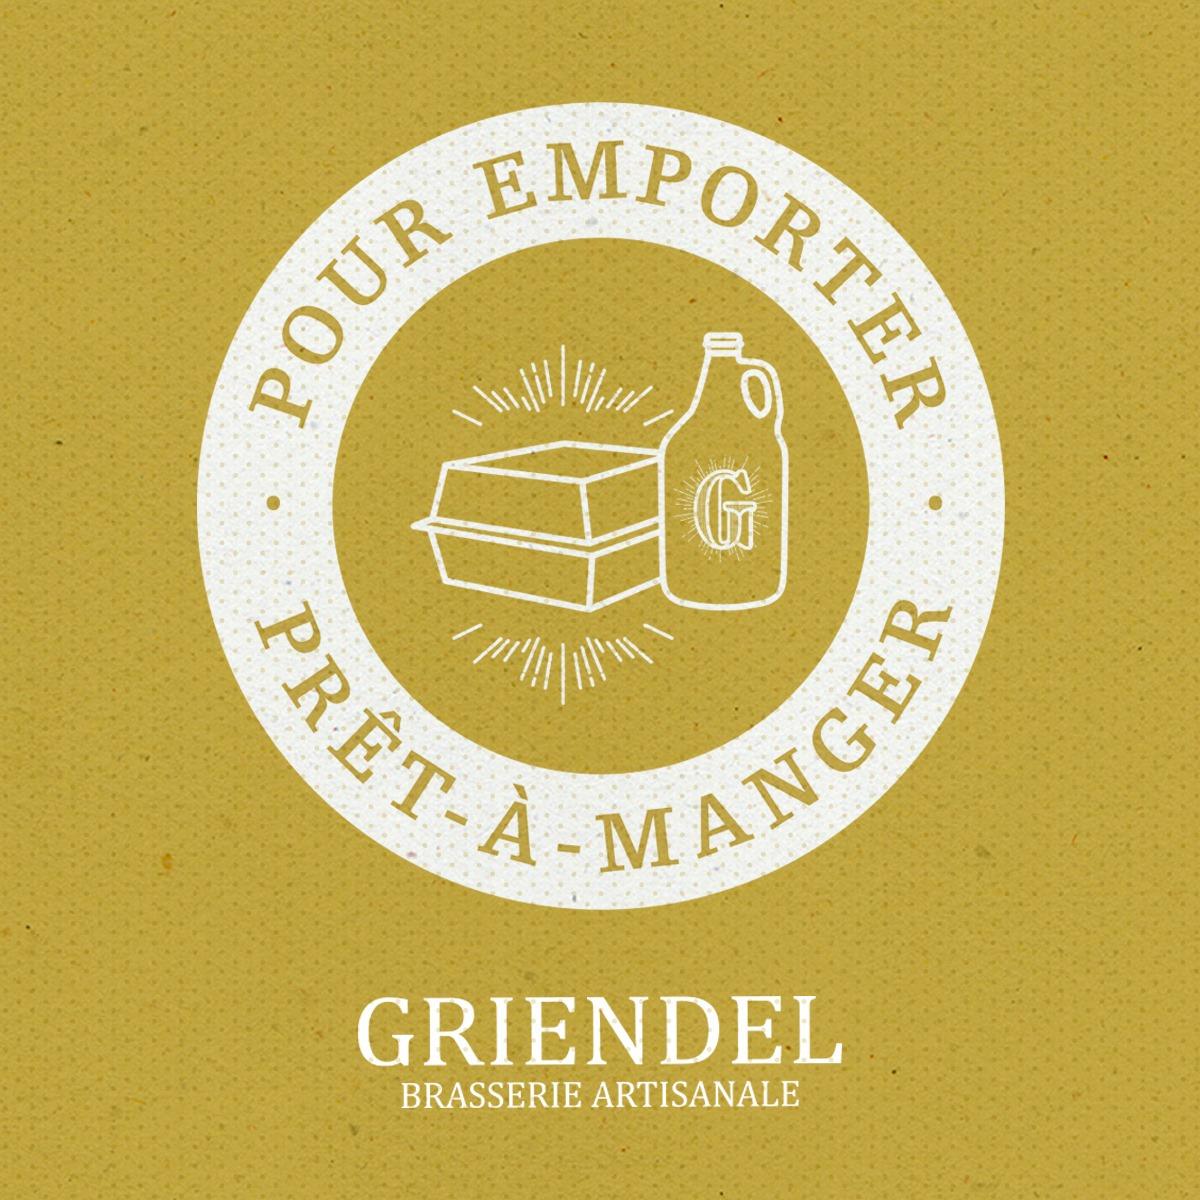 Pour emporter & prêt à manger   Griendel – Brasserie Artisanale